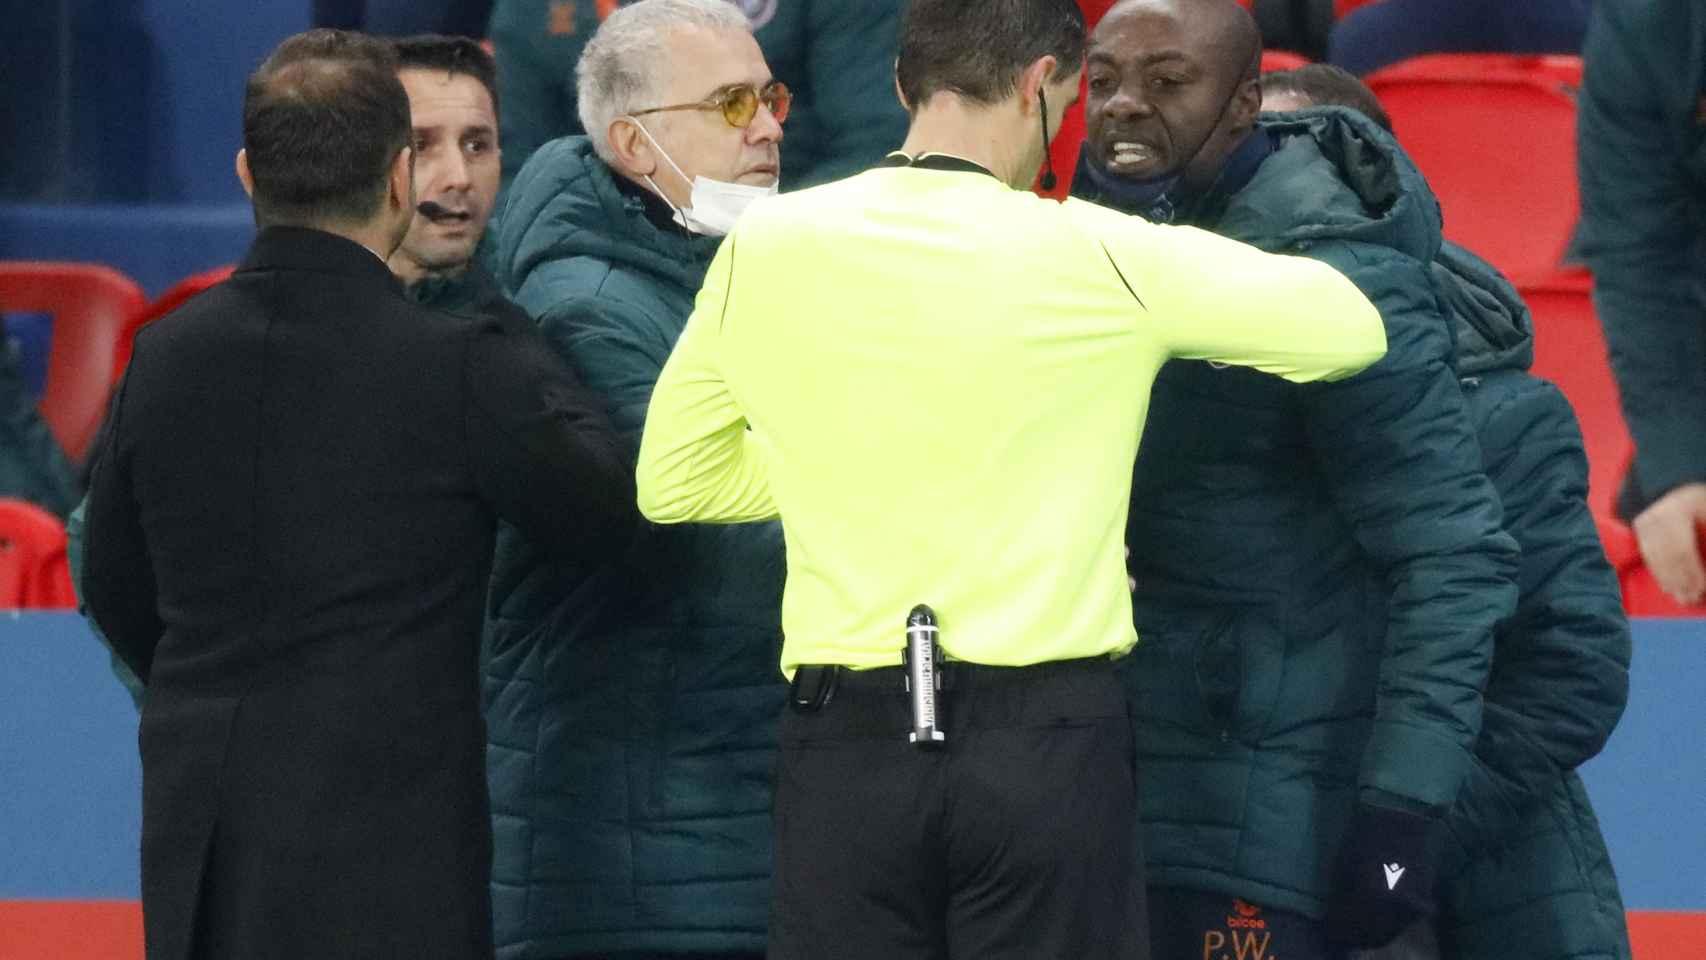 Las imágenes del comentario racista del árbitro que obligó a suspender el PSG-Basaksehir